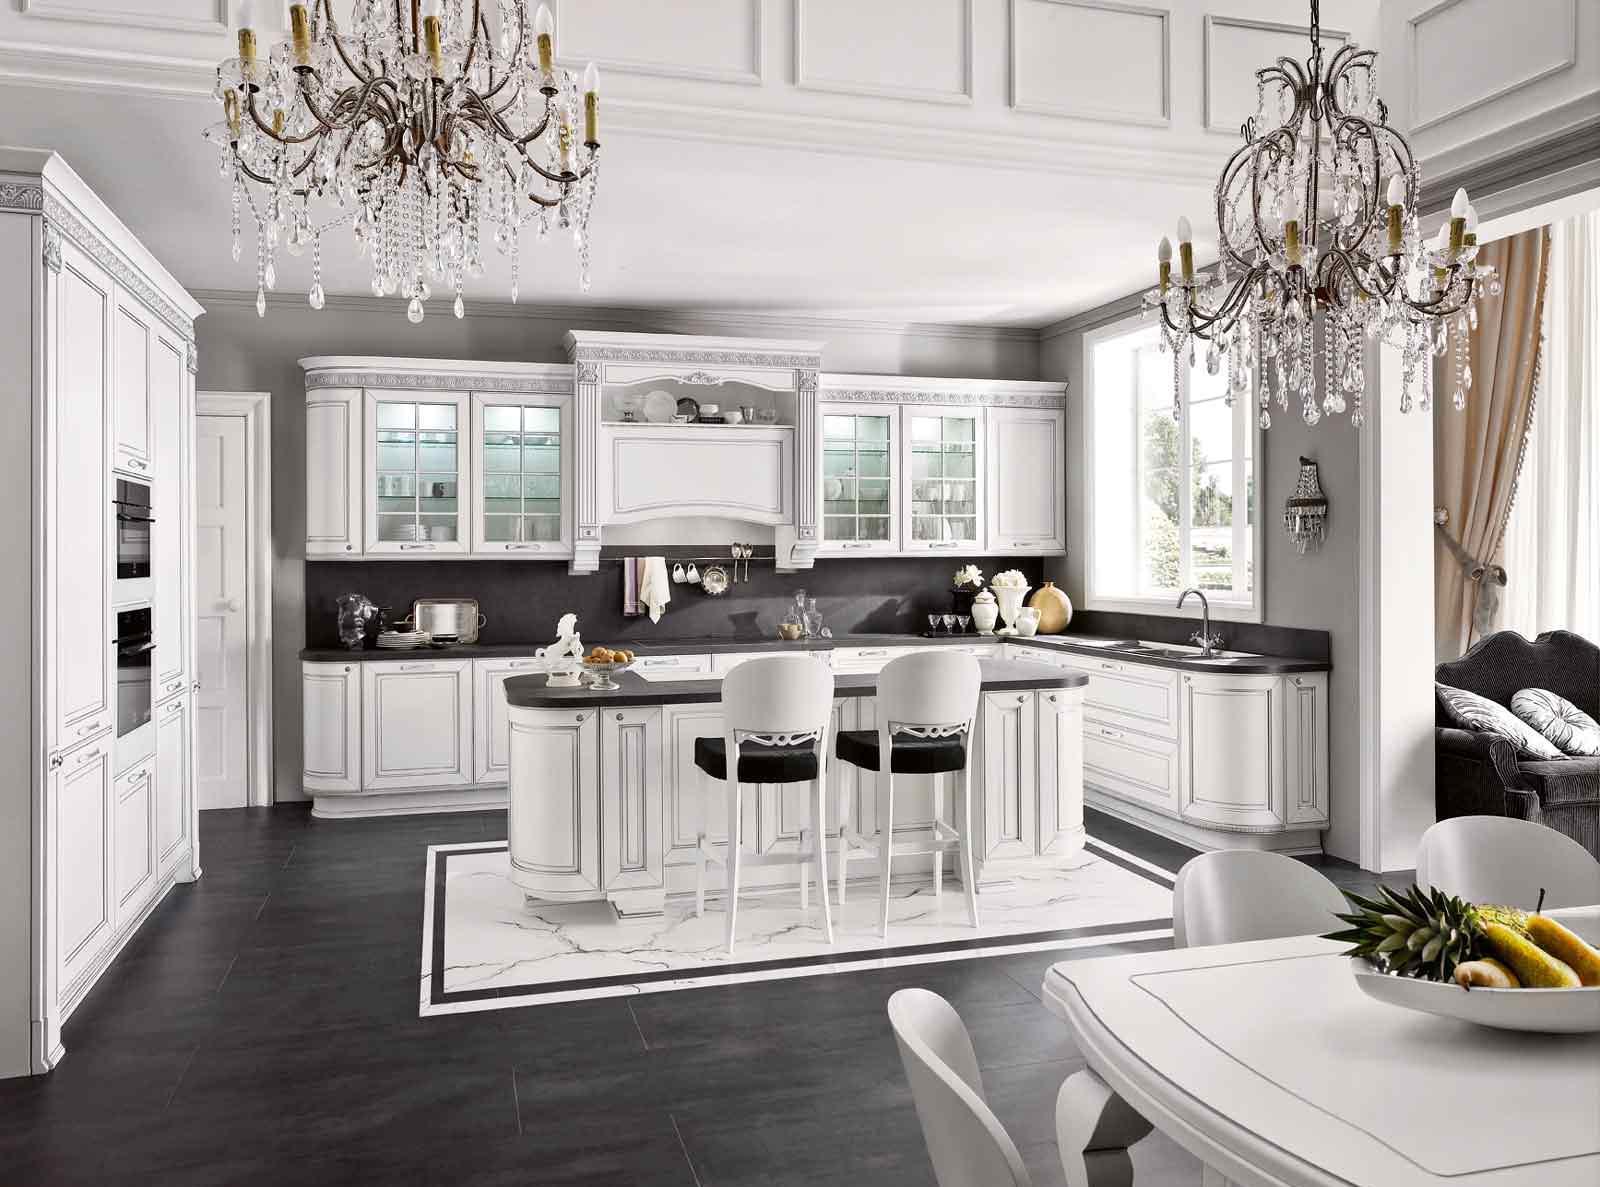 Барная стойка в просторной классической кухне